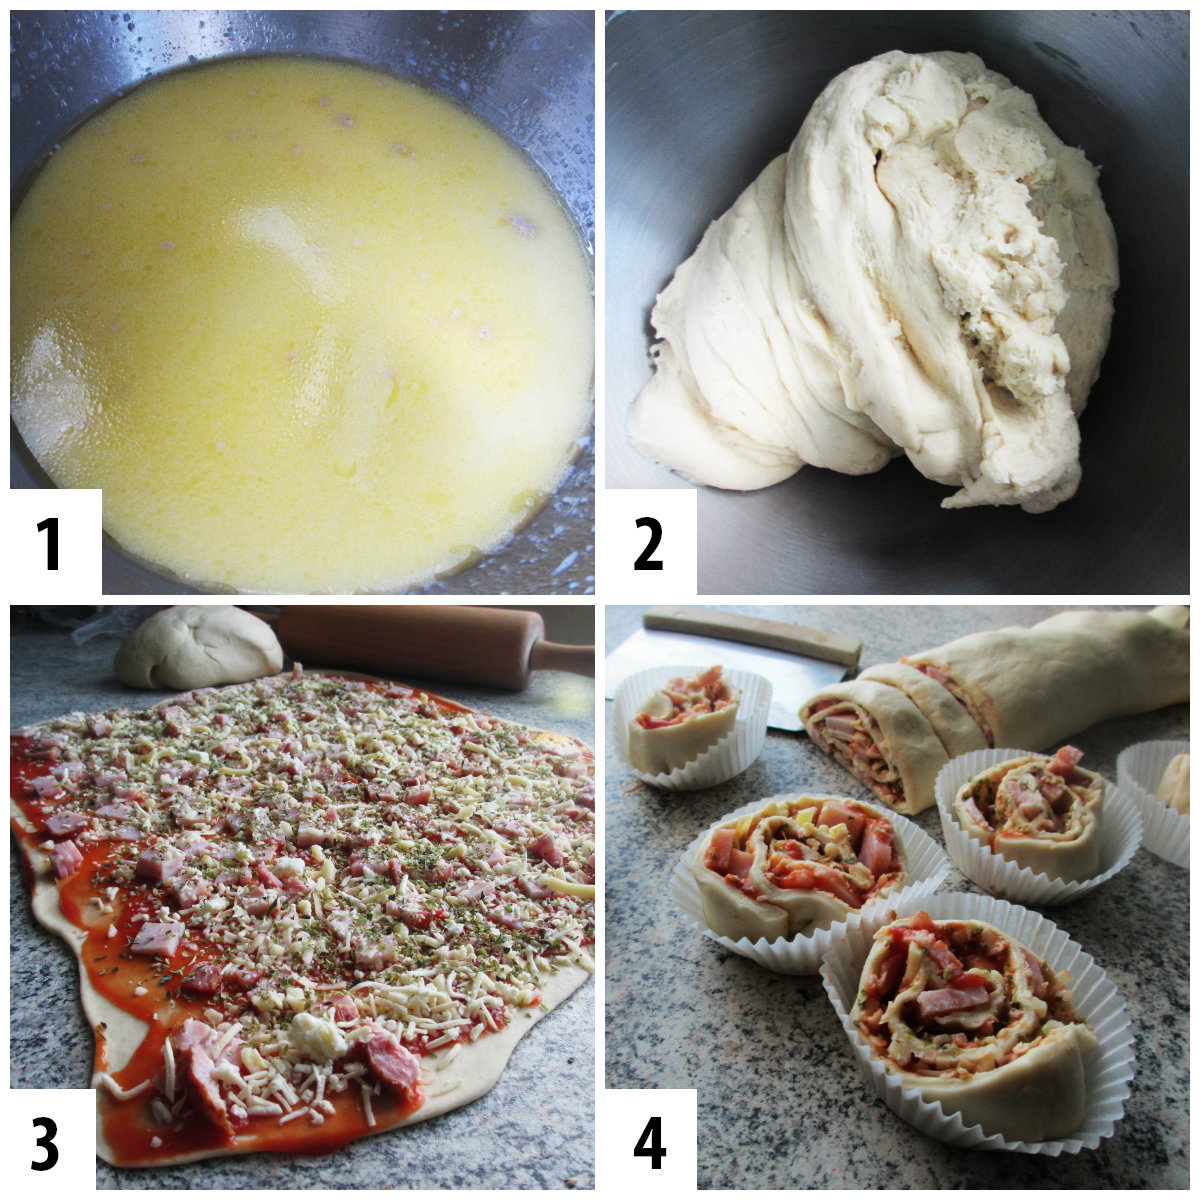 pizzabullar copy.jpg